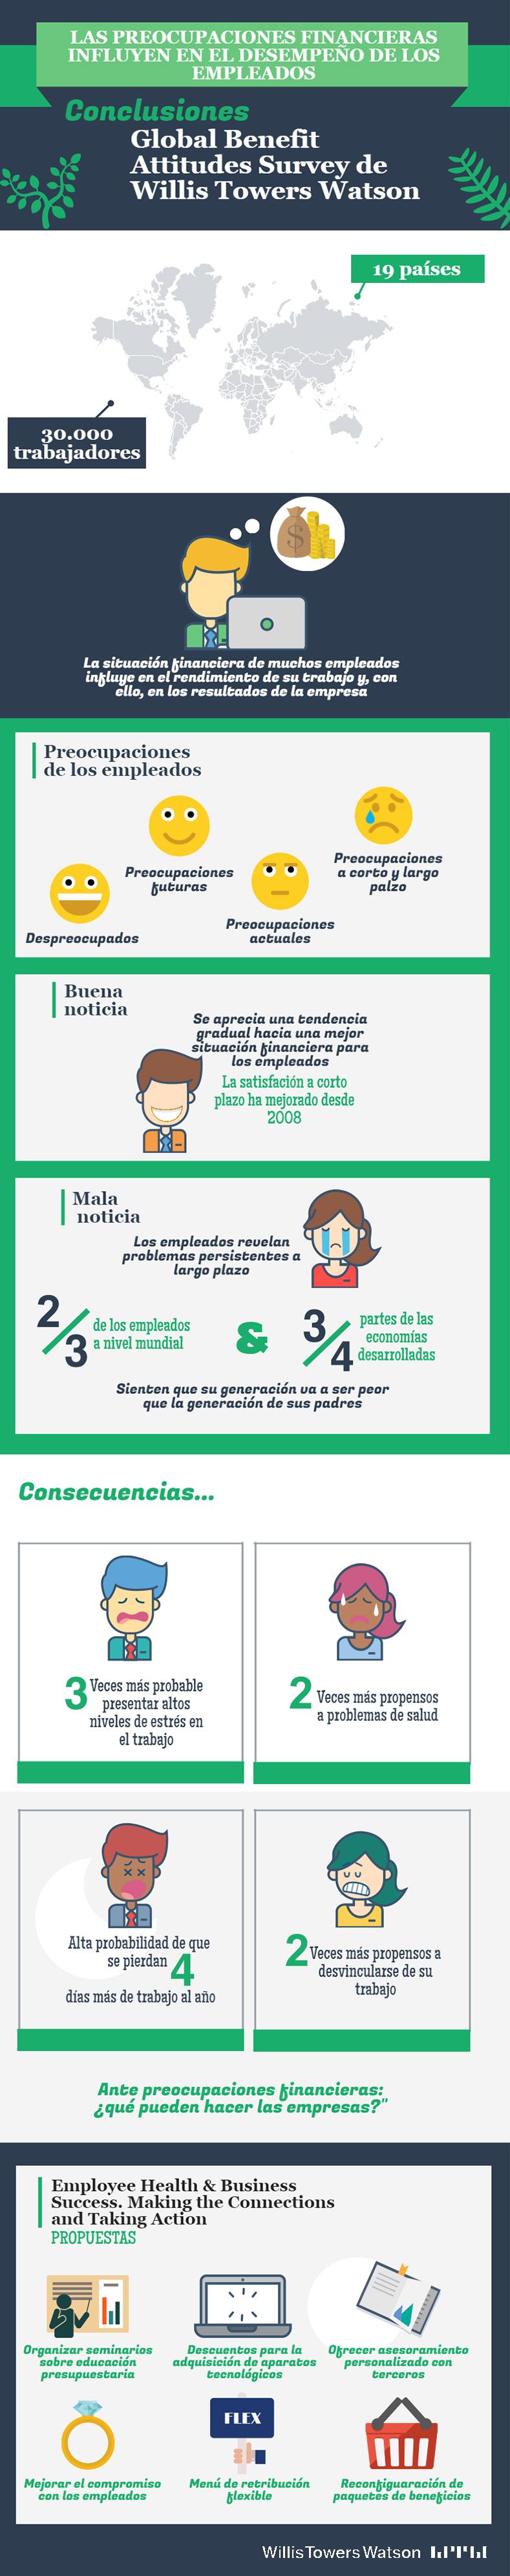 Las preocupaciones financieras reducen el rendimiento del trabajador